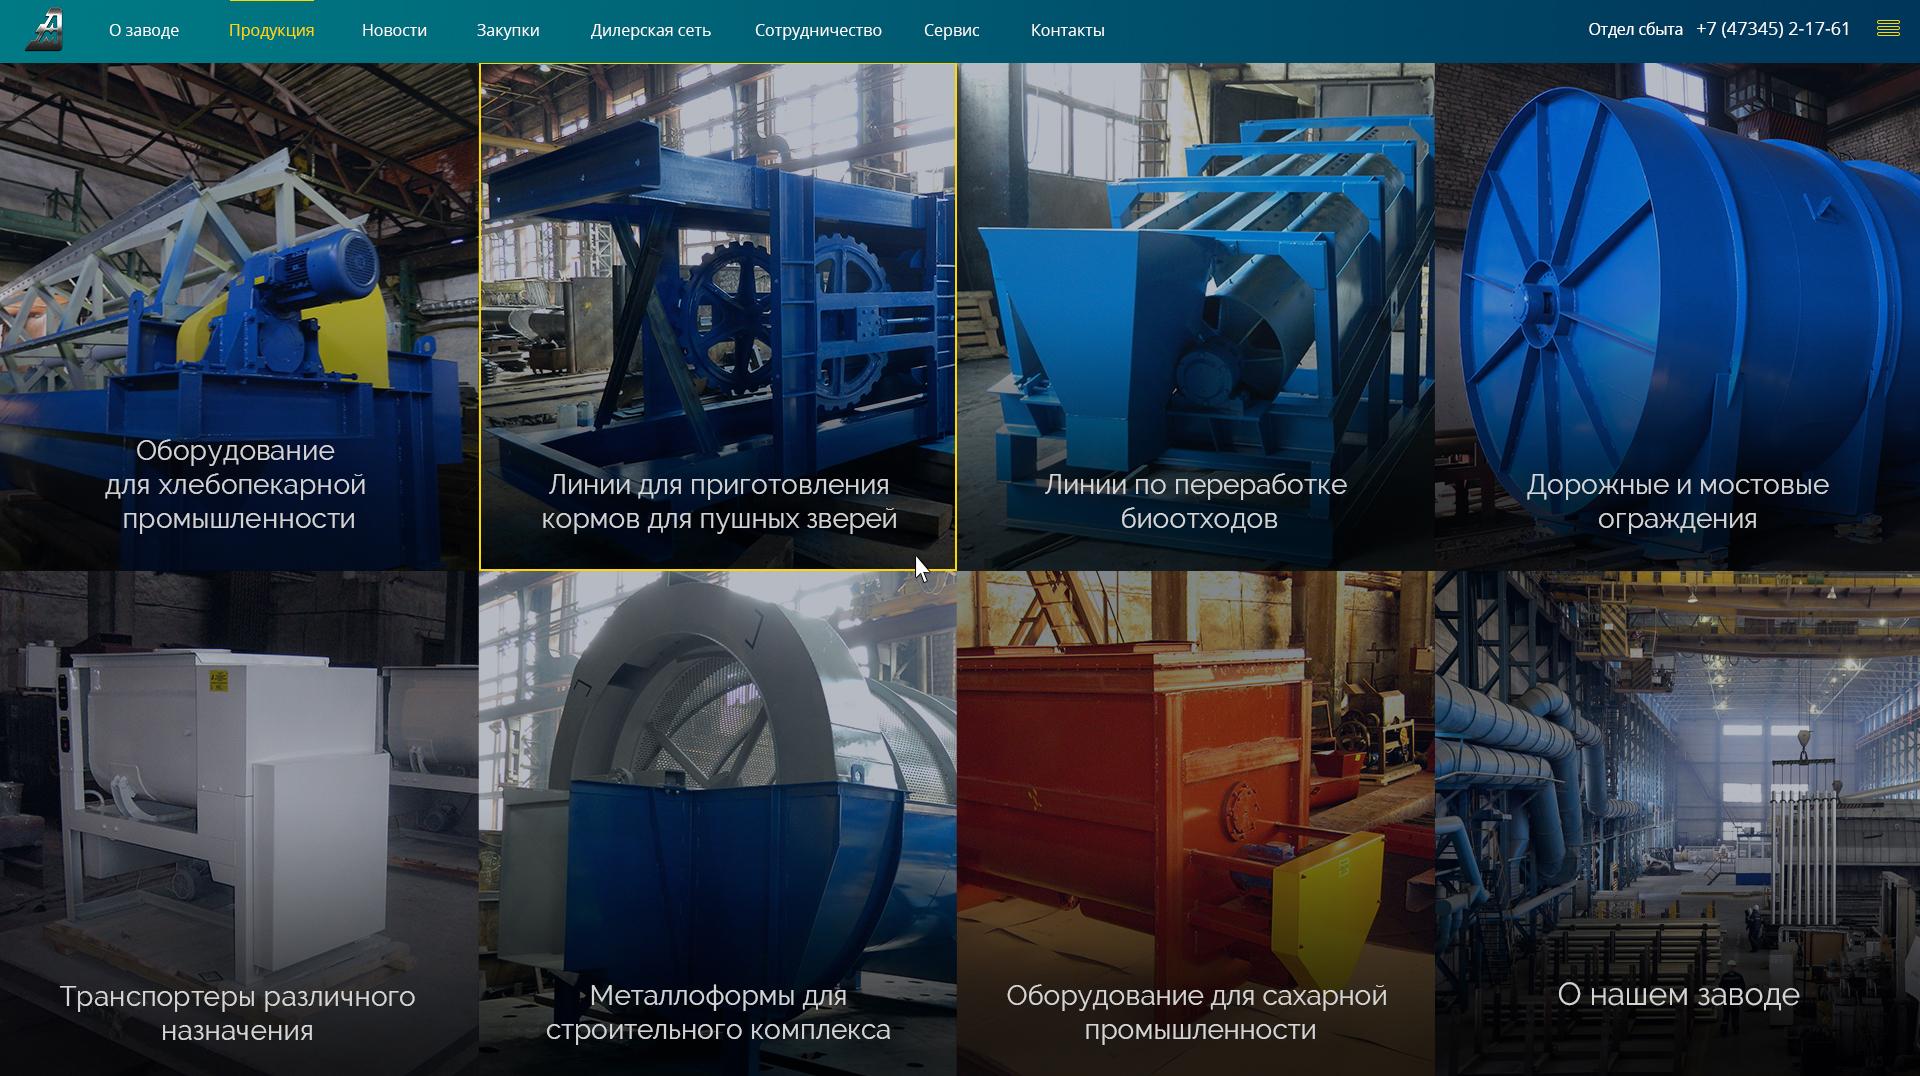 примеры сайтов производства Эртильский литейно-механический завод 1920 px